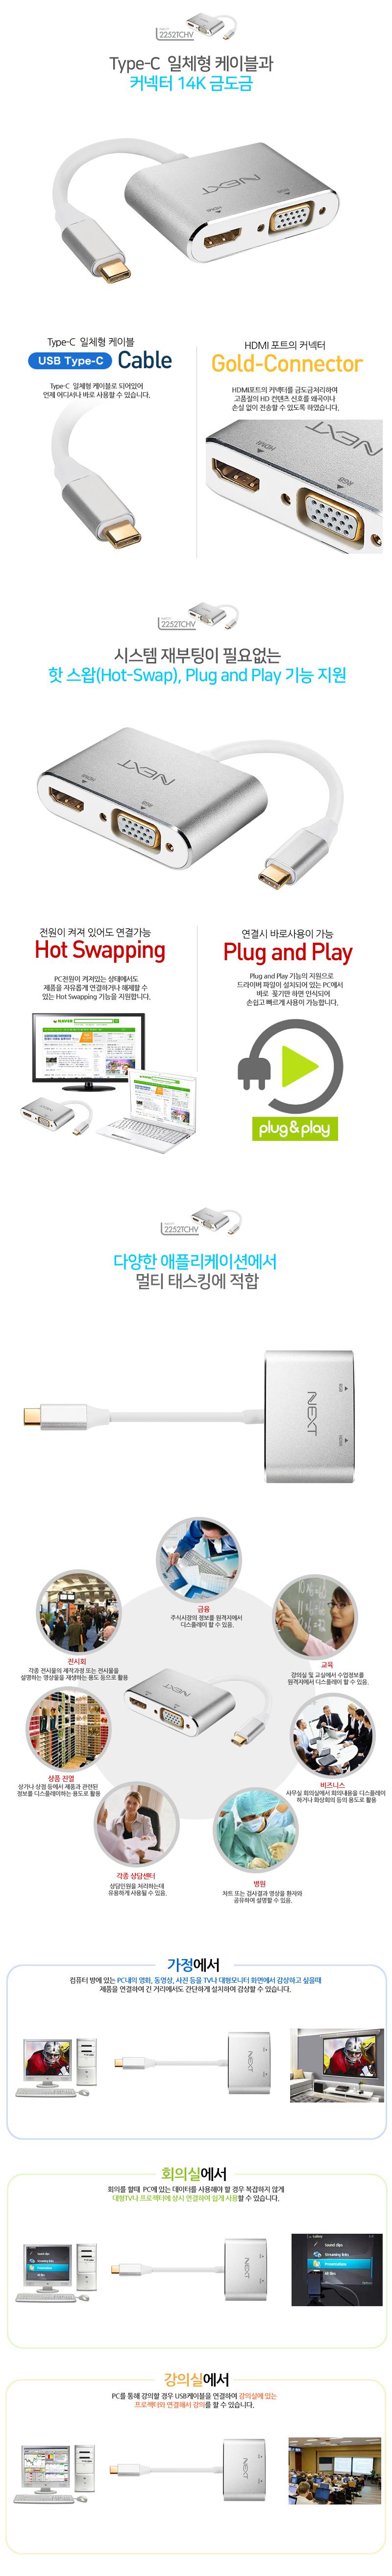 이지넷유비쿼터스  Type C to HDMI + VGA 컨버터 (NEXT-2252TCHV)